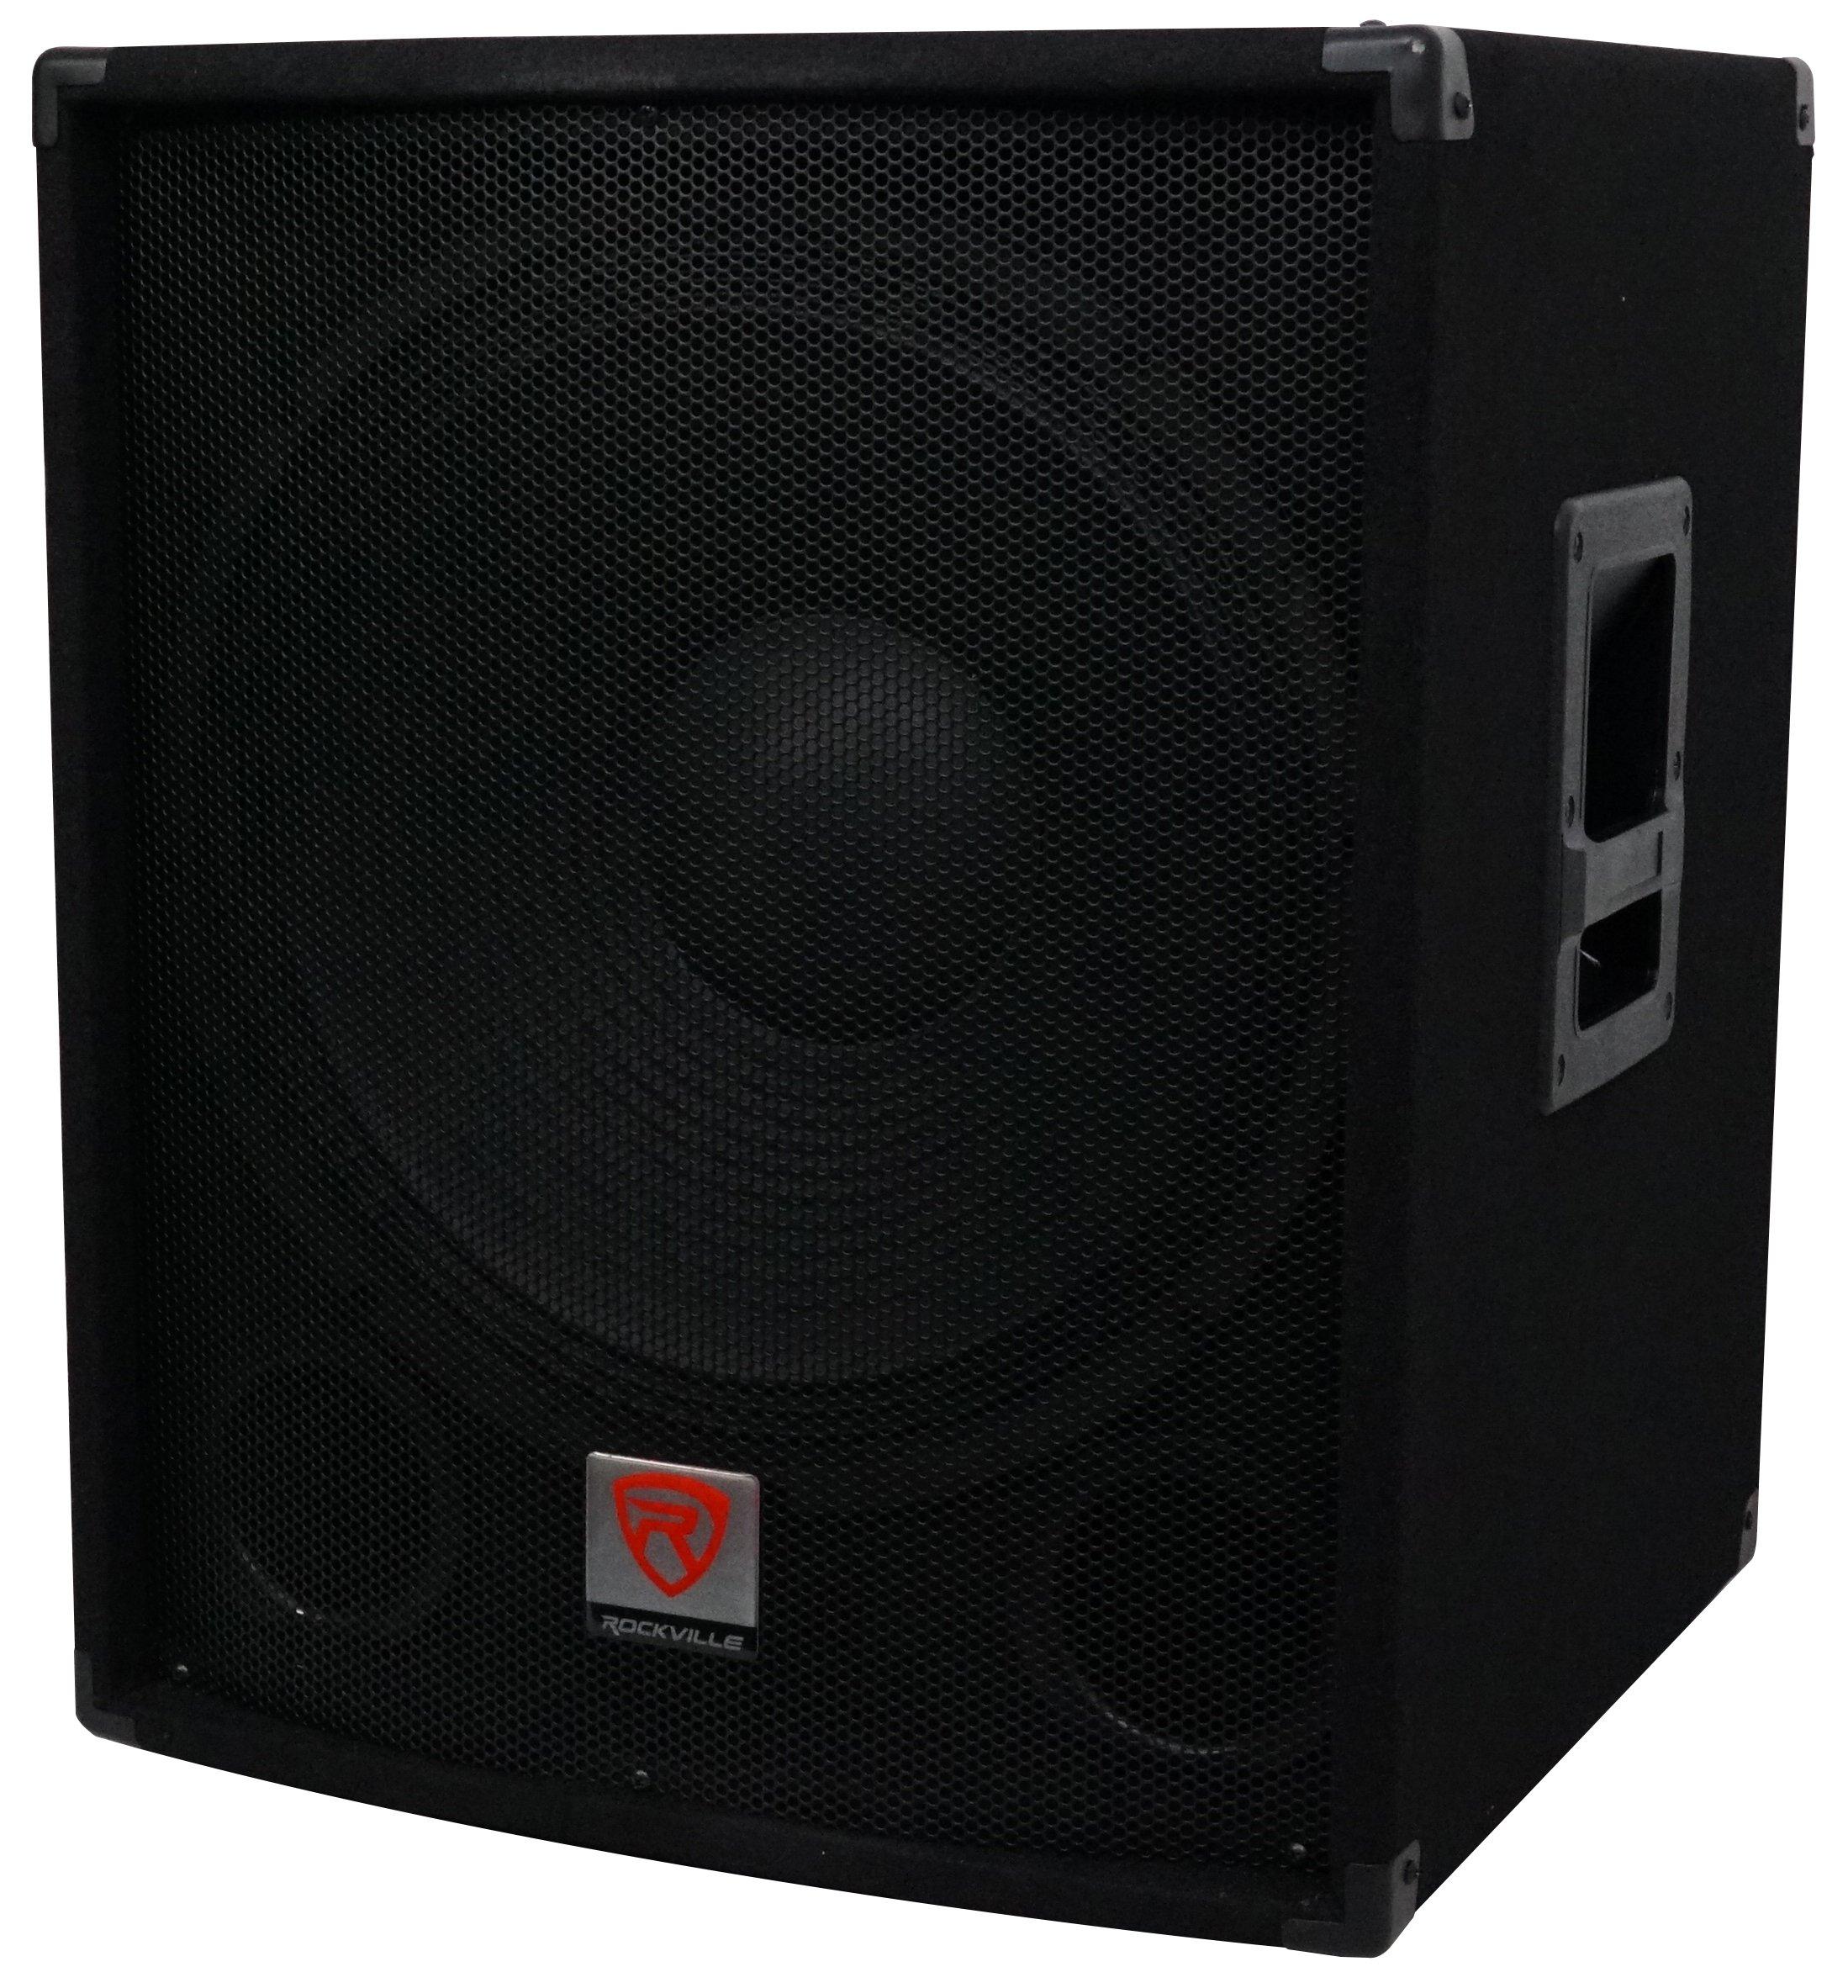 Rockville SBG1184 18'' 1000 Watt Passive 4-Ohm Pro DJ Subwoofer, MDF/Pole Mount by Rockville